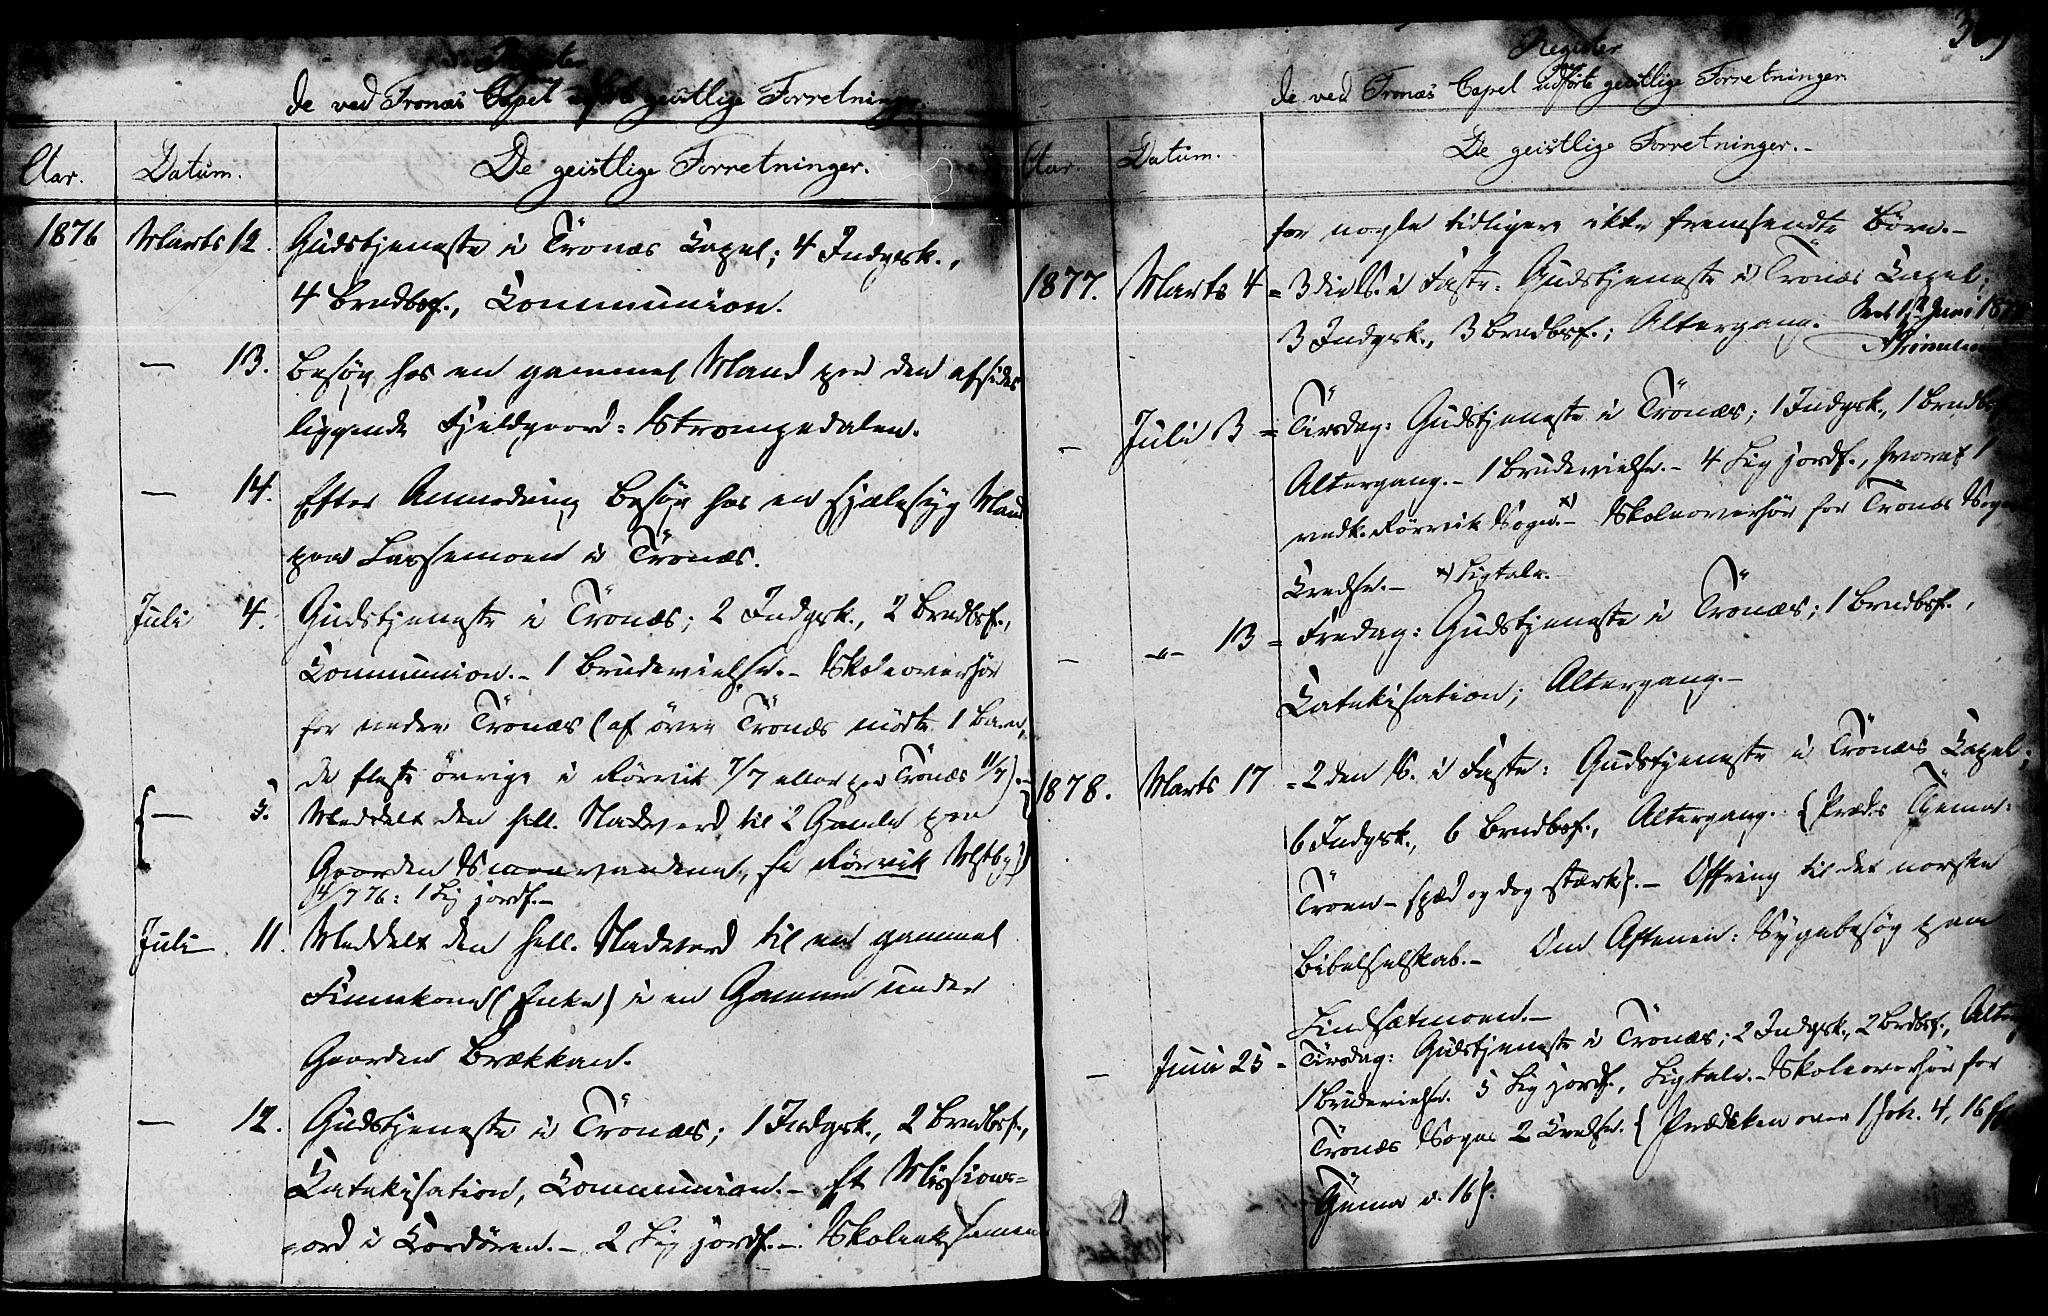 SAT, Ministerialprotokoller, klokkerbøker og fødselsregistre - Nord-Trøndelag, 762/L0538: Ministerialbok nr. 762A02 /2, 1833-1879, s. 369